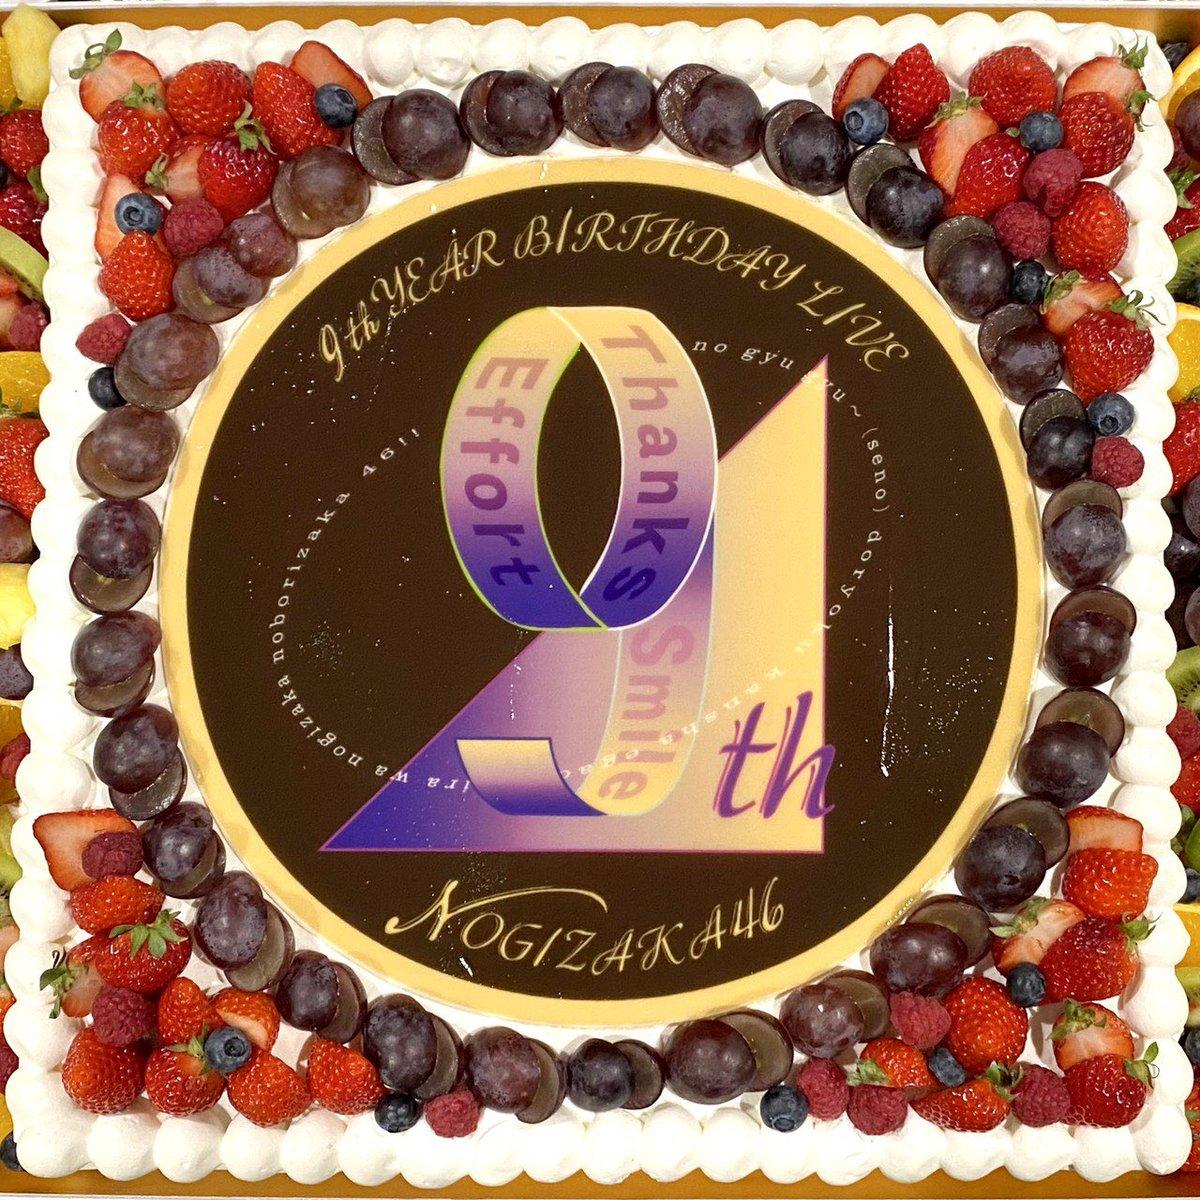 ✨9th YEAR BIRTHDAY LIVE✨  いよいよライブ当日  すでに楽しそうなライブ前のみんなをお届け!!…したいとは思っています   #乃木坂46 #乃木坂9thバスラ  nogizaka46.com/9thyear_birthd…